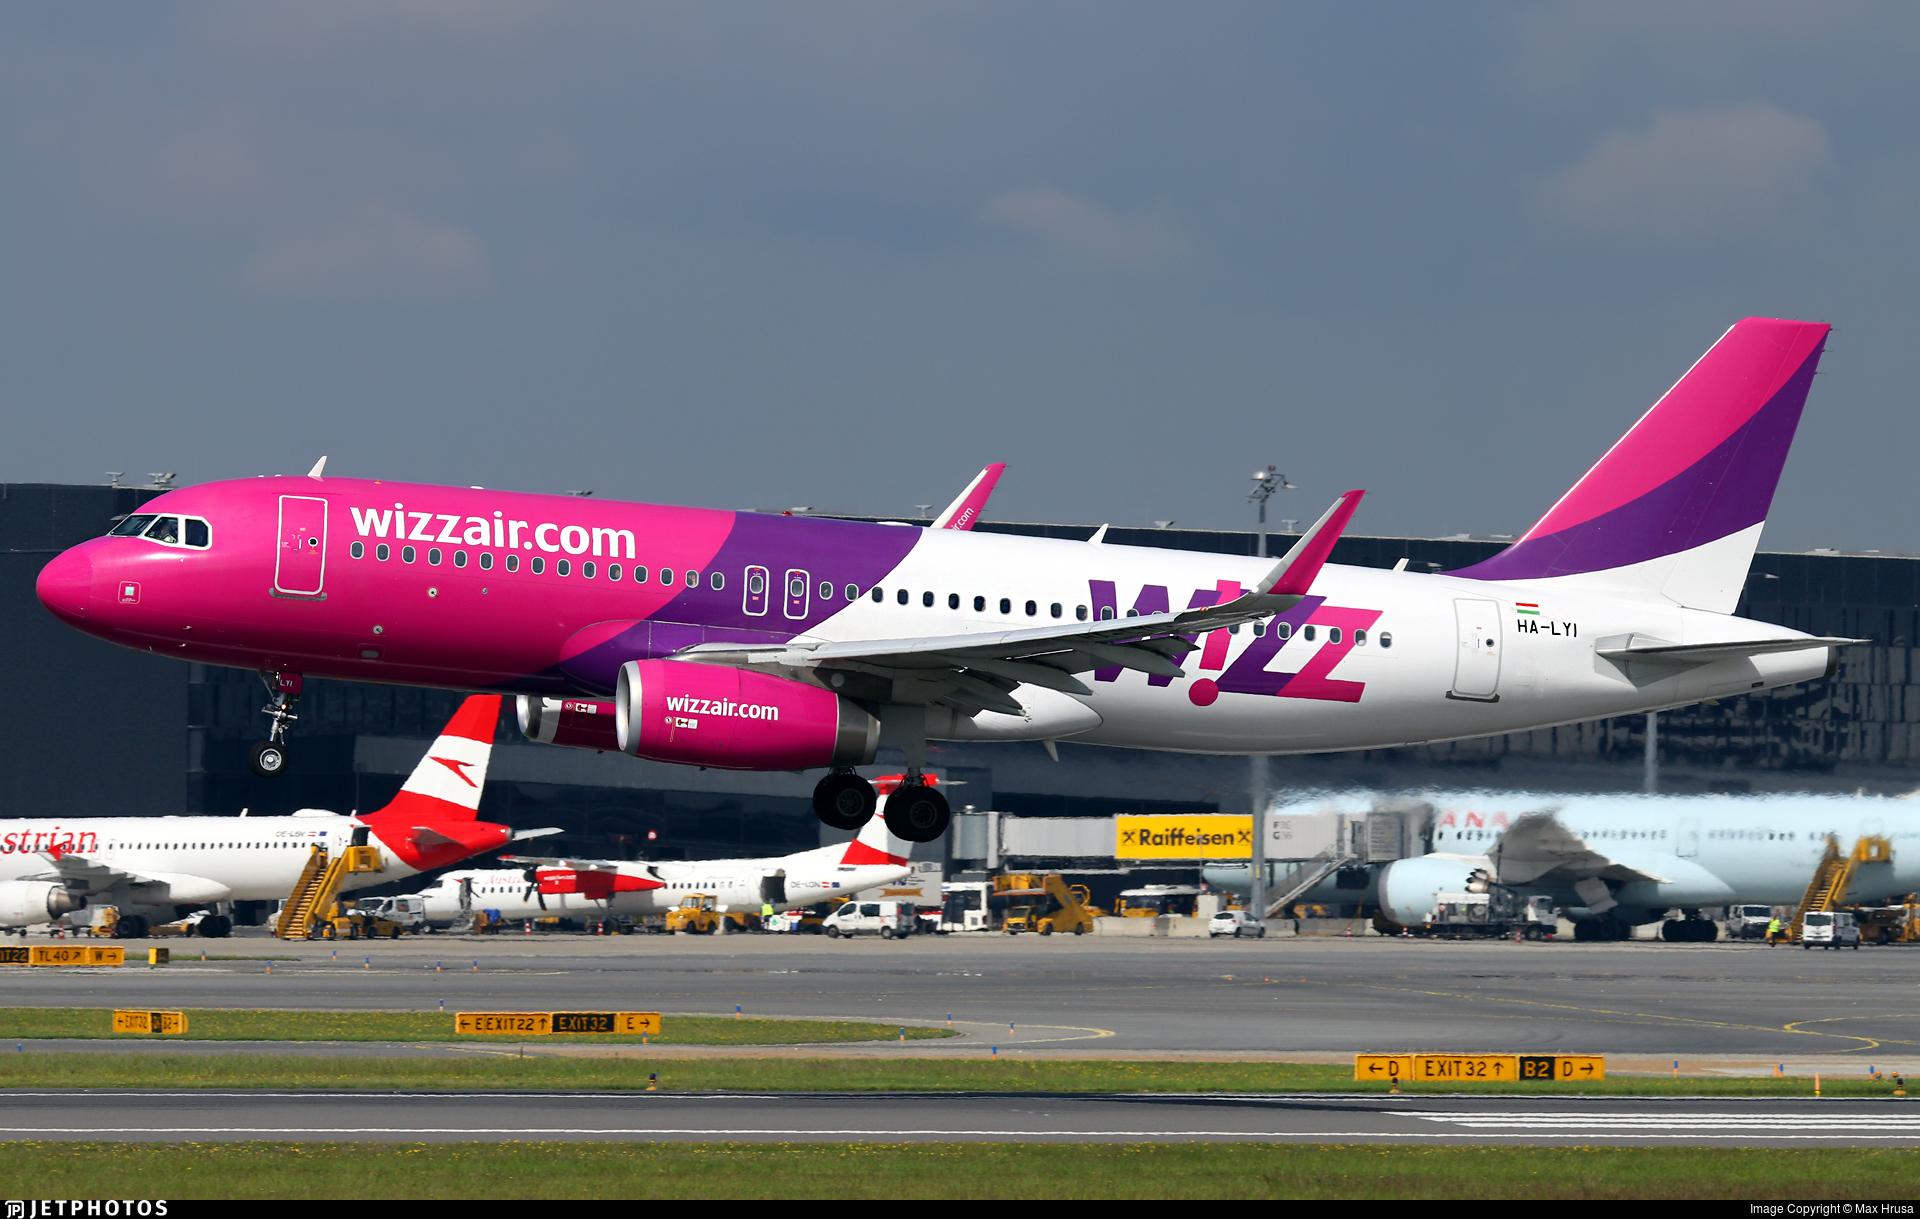 Ha Lyi Airbus A320 232 Wizz Air Max Hrusa Jetphotos